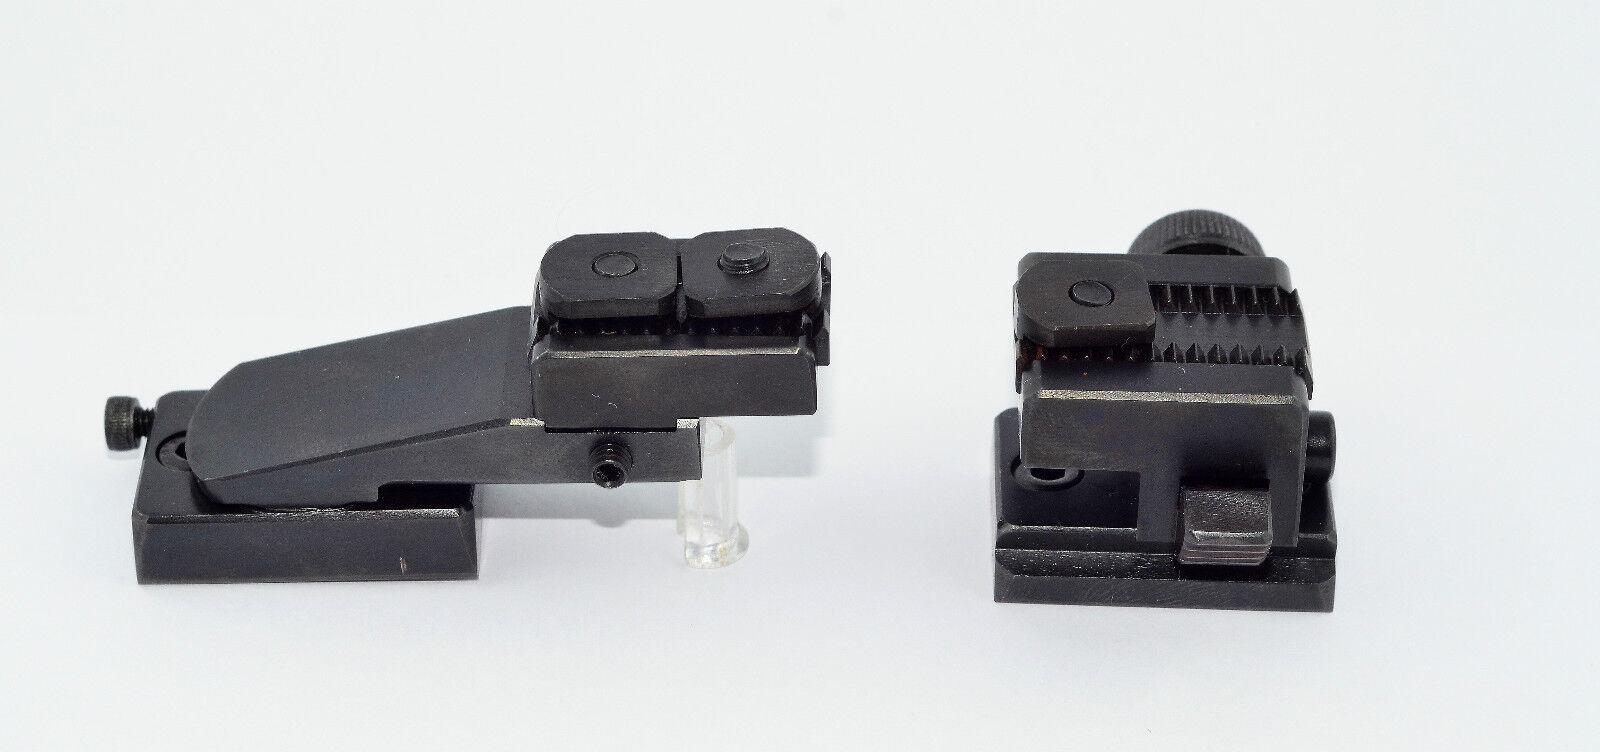 Schwenkmontage Montage Rößler mit Titan Swaroskis Rail  - Neu